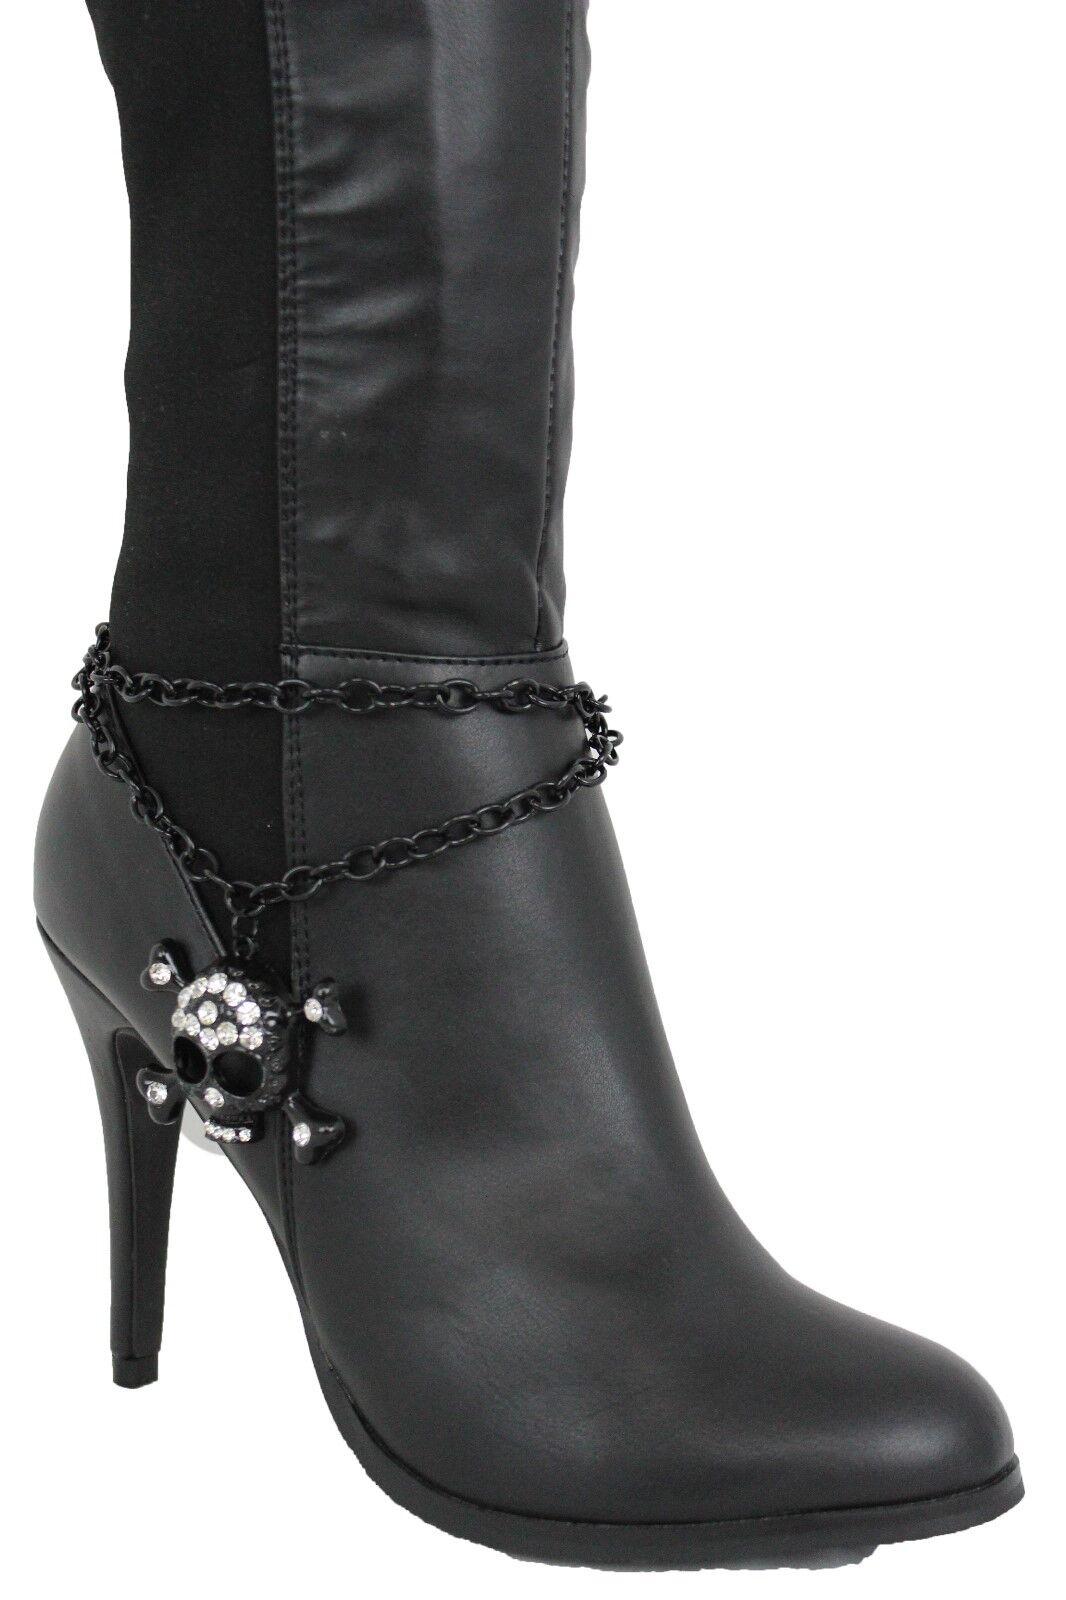 Women Boot Bracelet Black Metal Chain Anklet Shoe Bling Skull Skeleton Big Charm